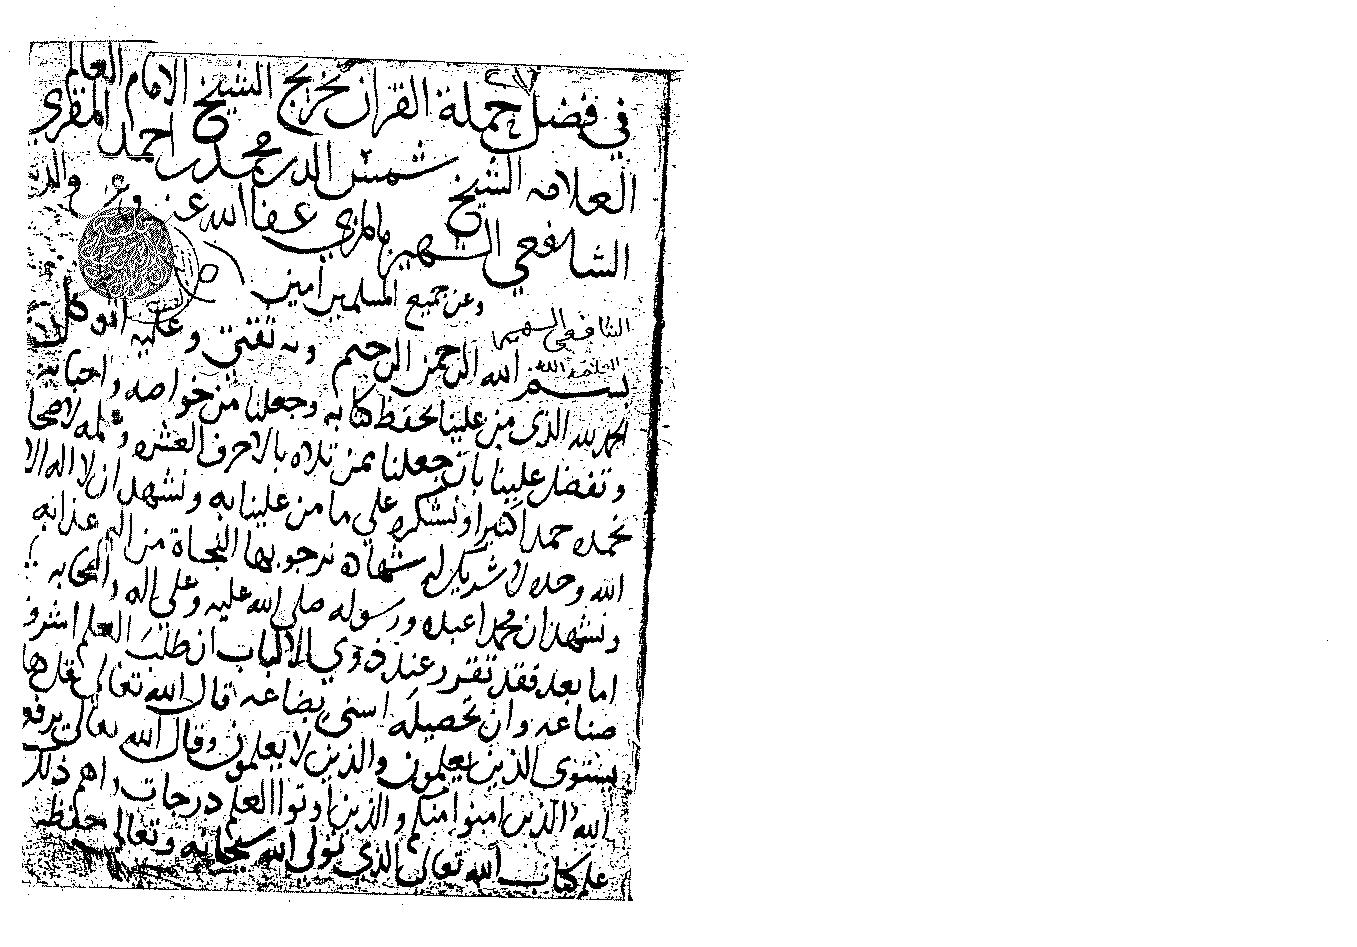 تحميل كتاب فضل حملة القرآن (المزي) لـِ: الإمام شمس الدين محمد بن أحمد المقري الشافعي، الشهير بالمزي (ت 750)